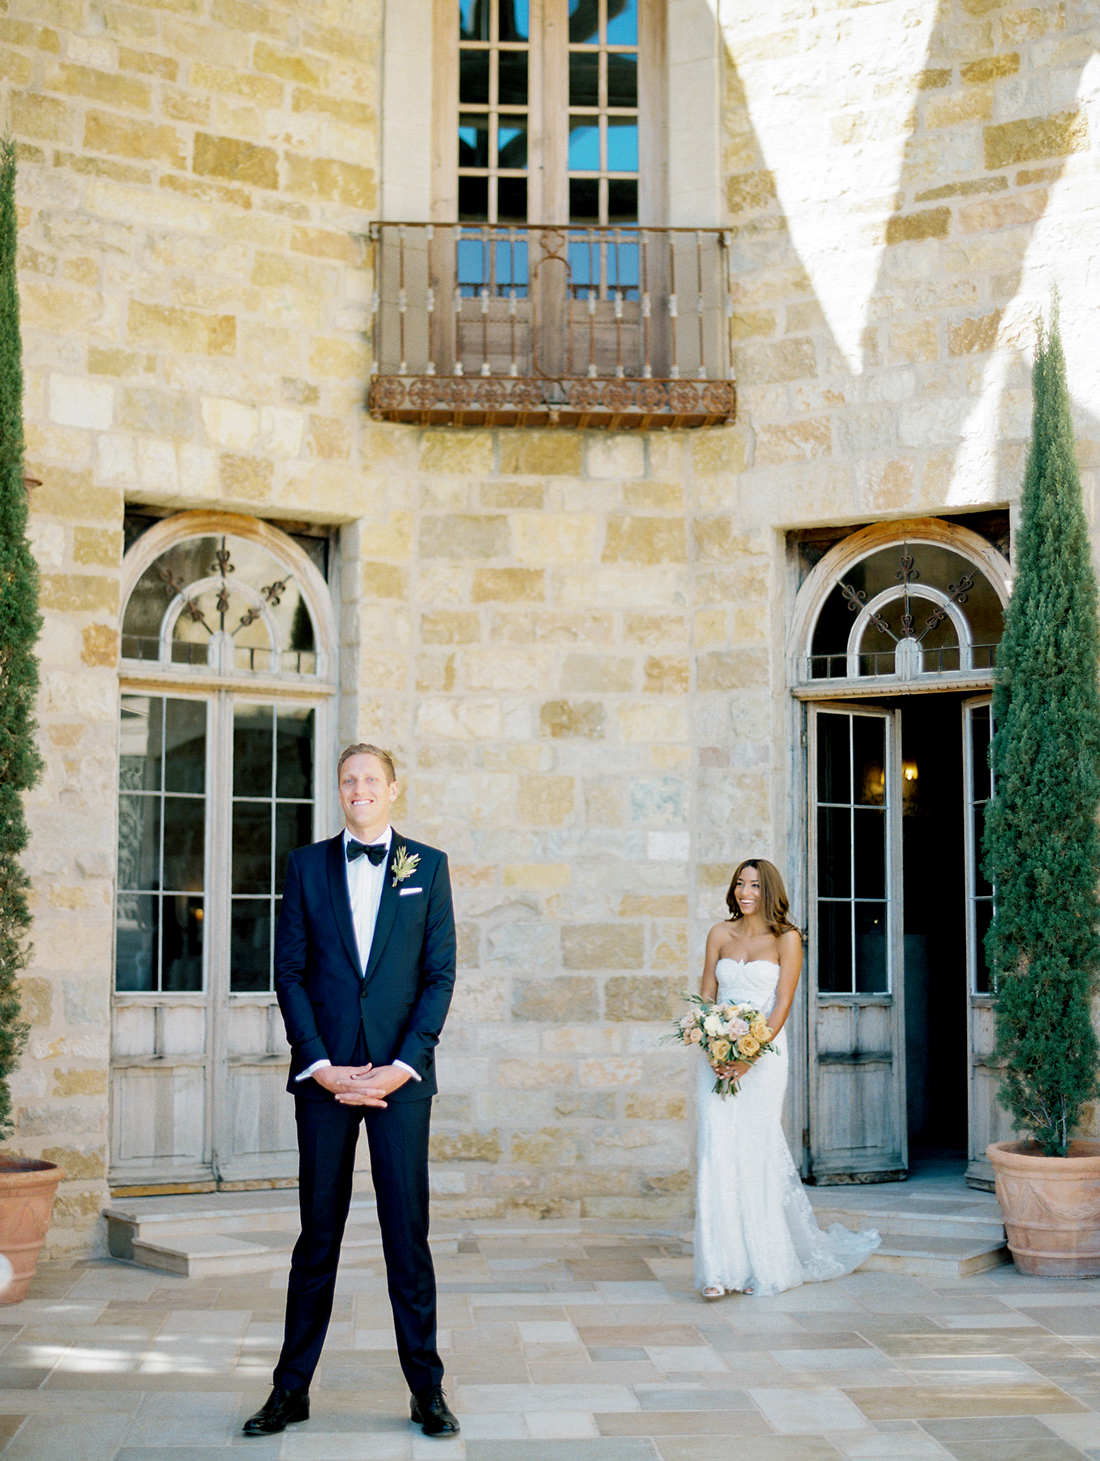 bride standing behind groom before first look